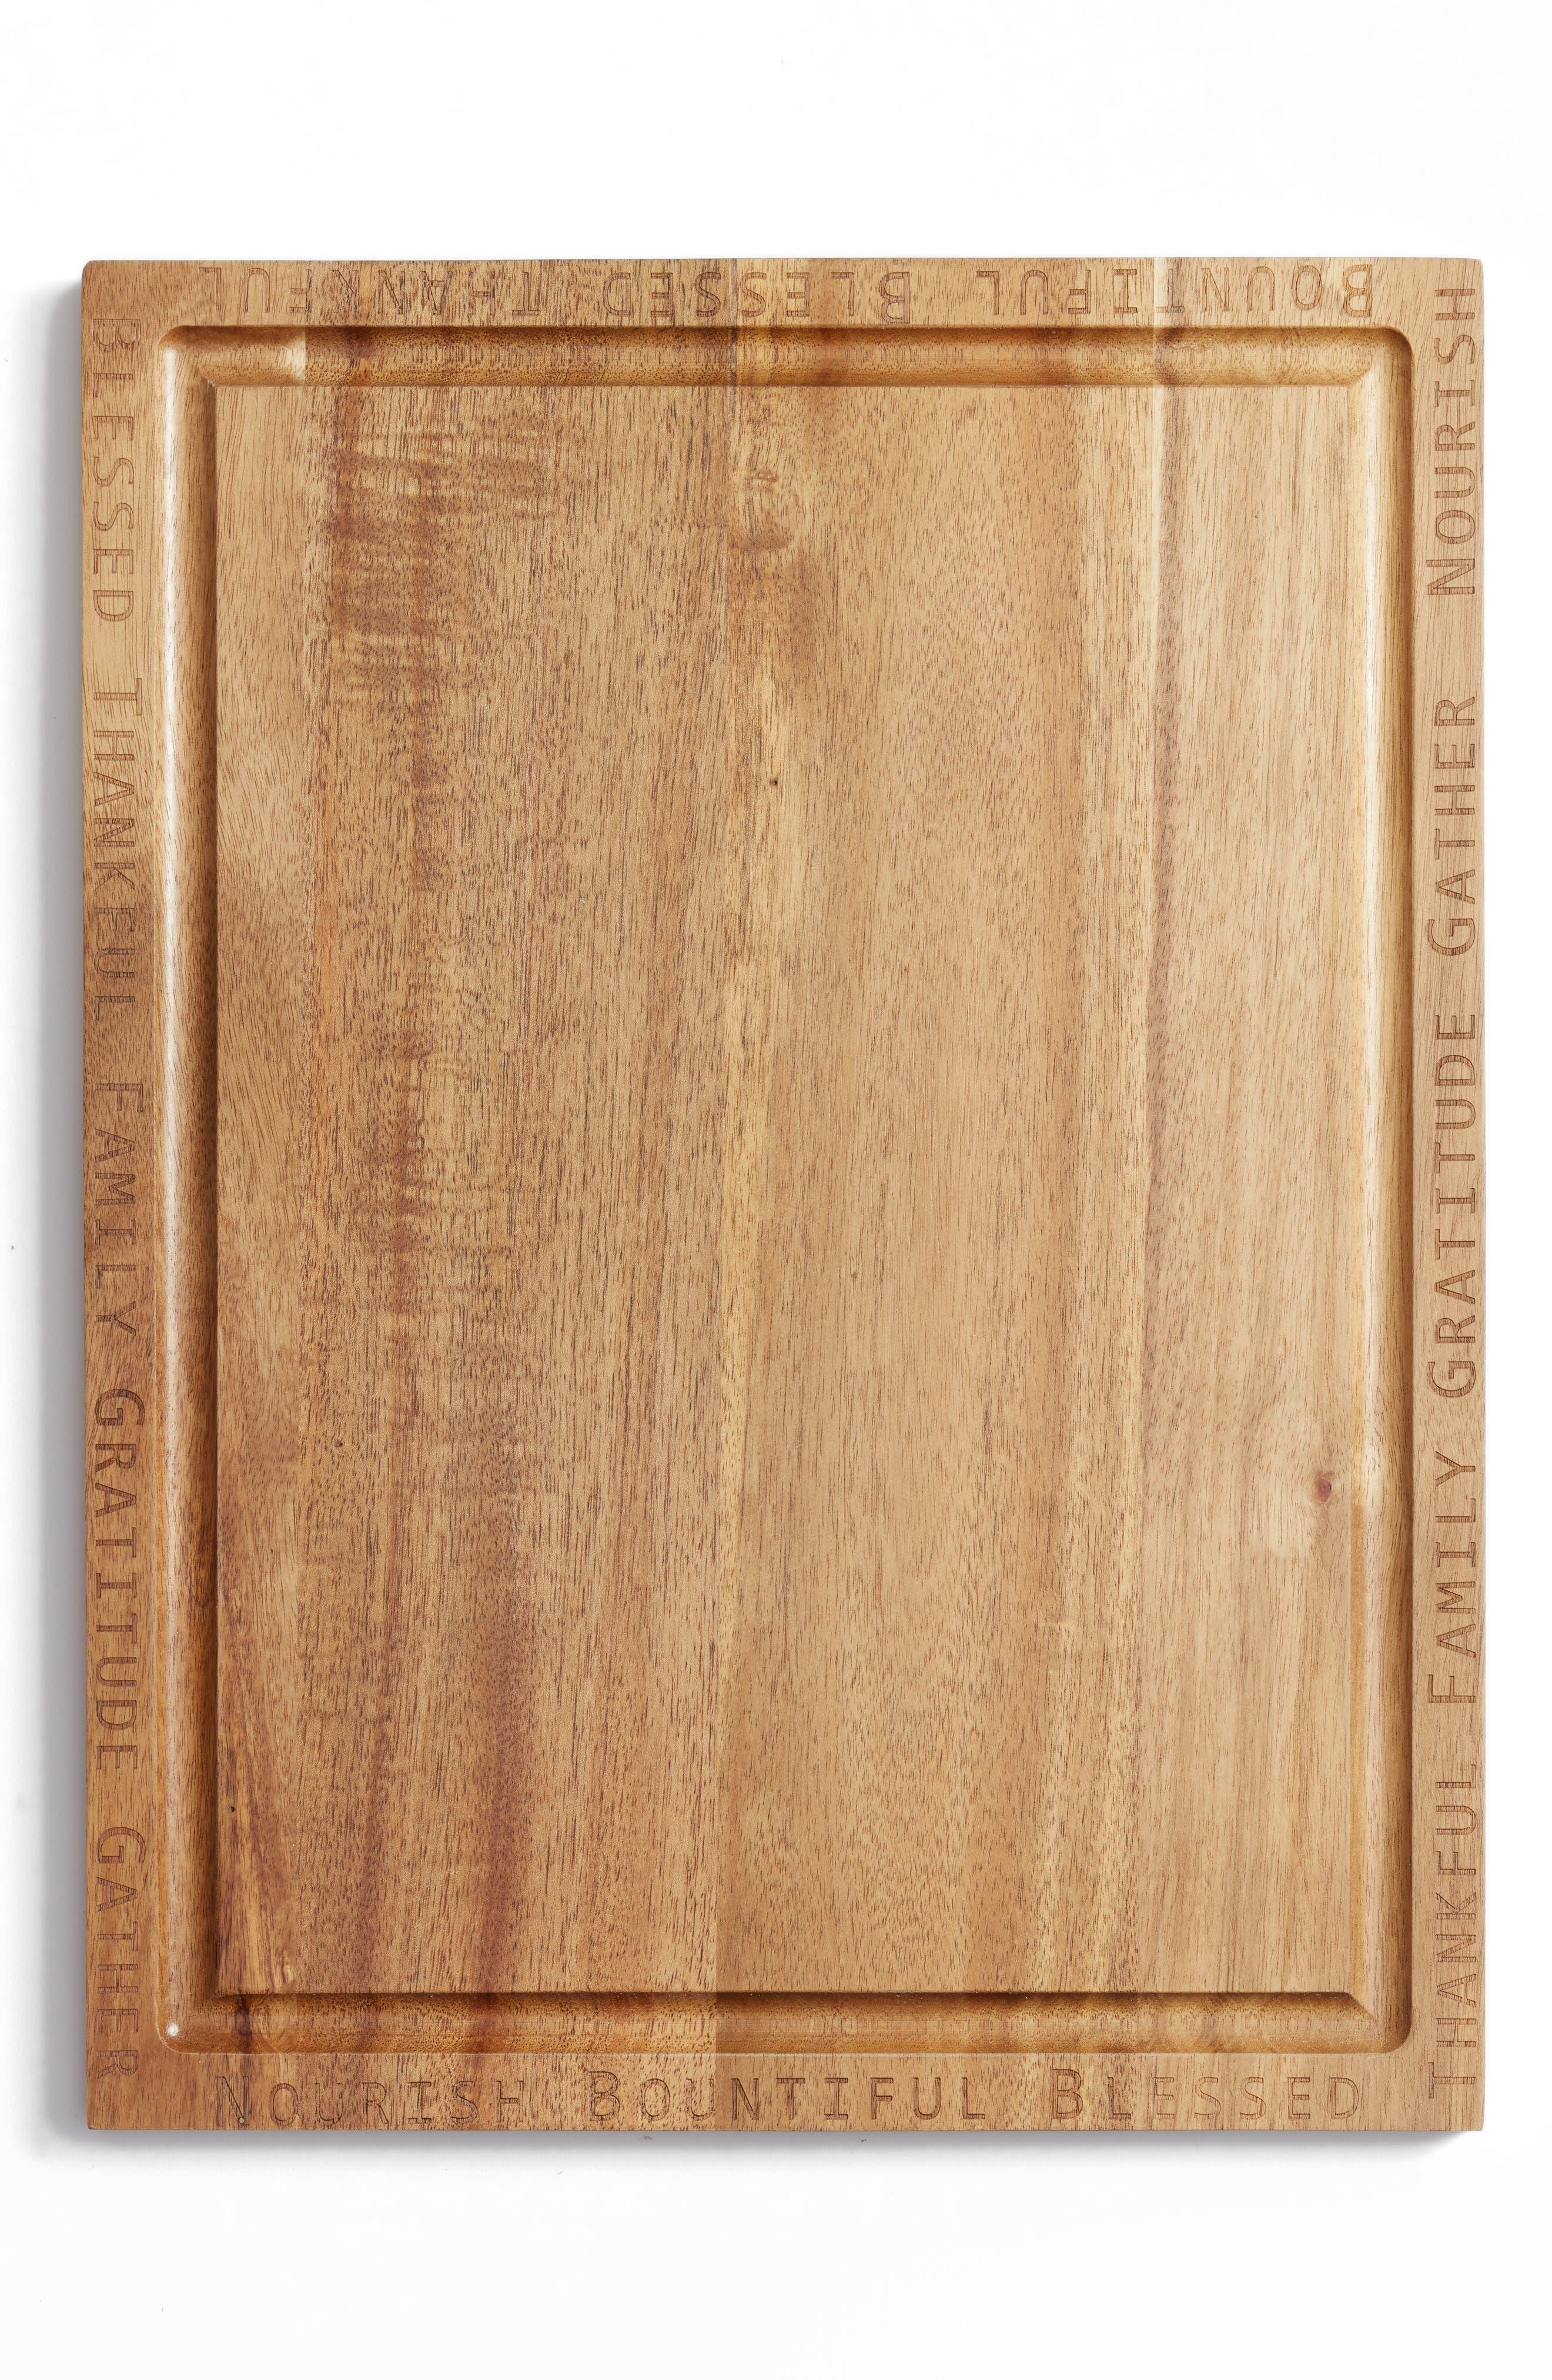 Acacia Wood Cutting Board,                             Main thumbnail 1, color,                             200